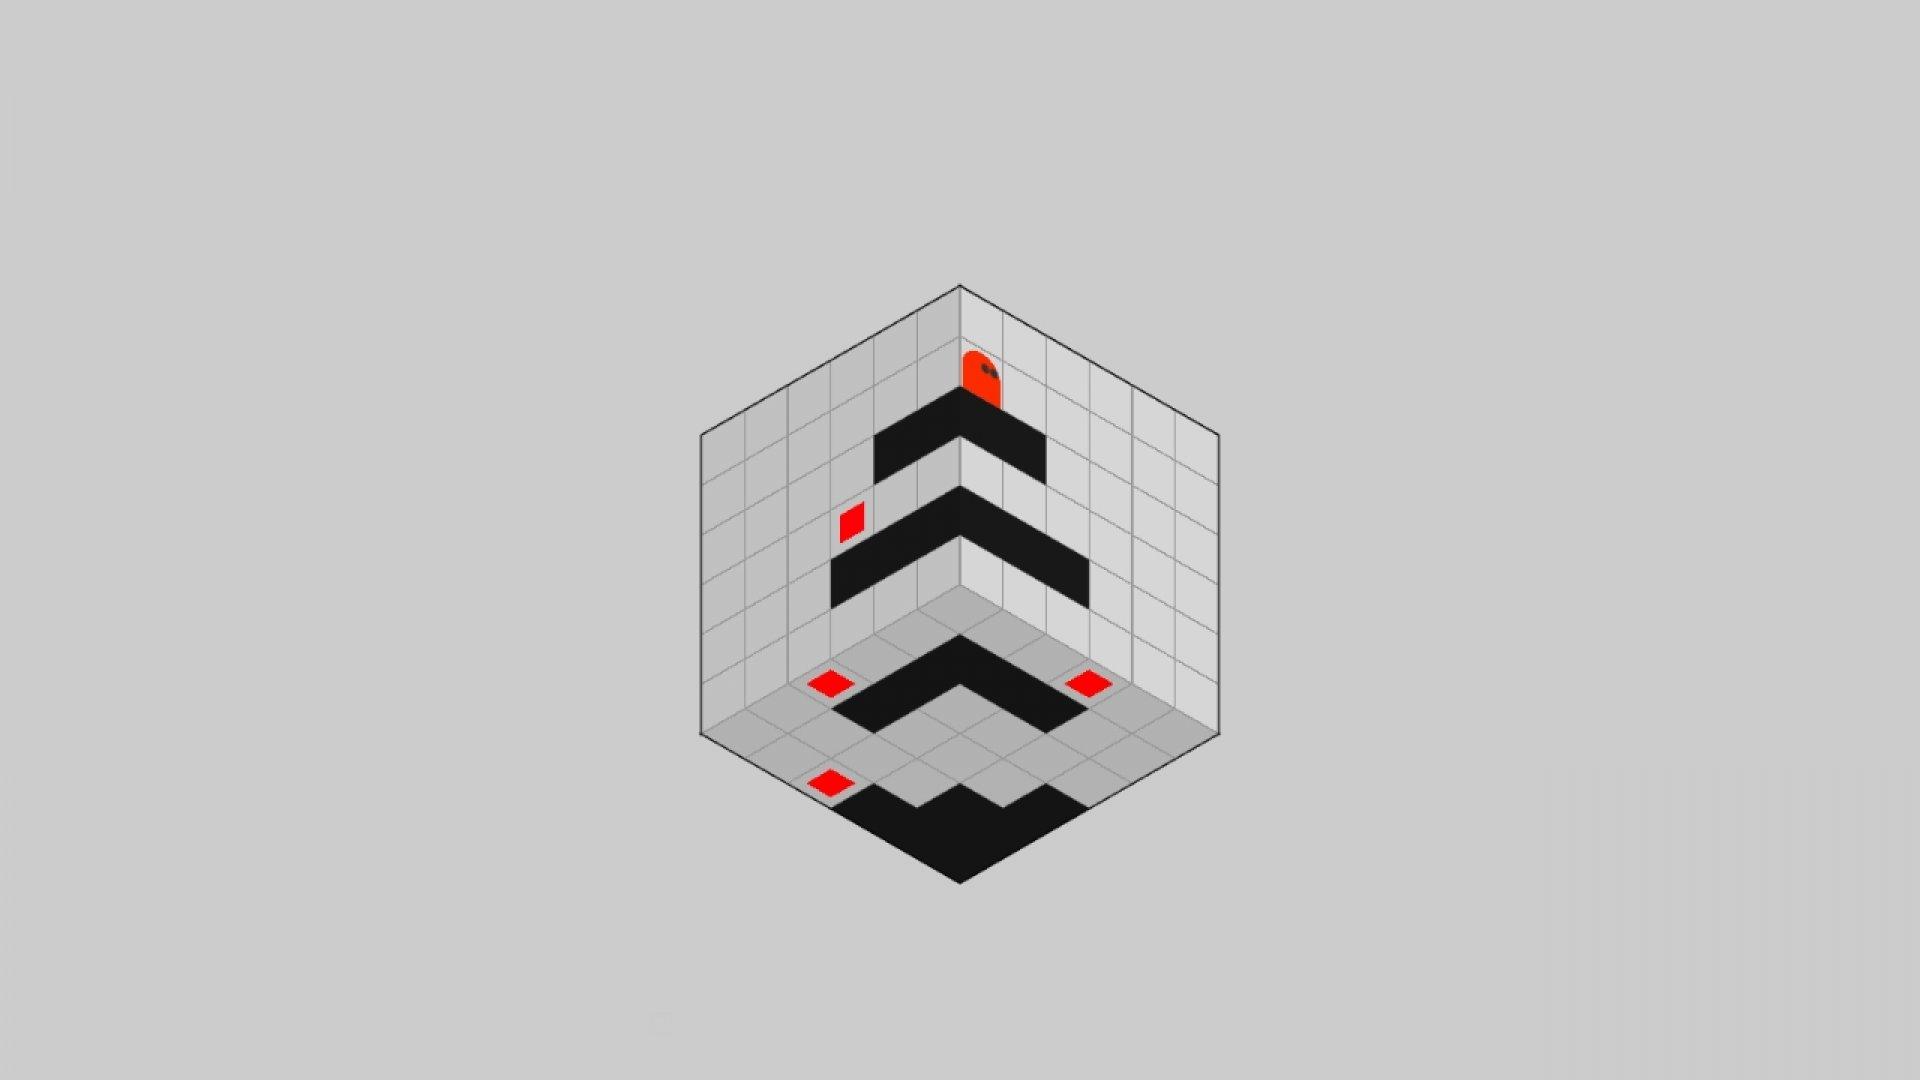 Puzzlement